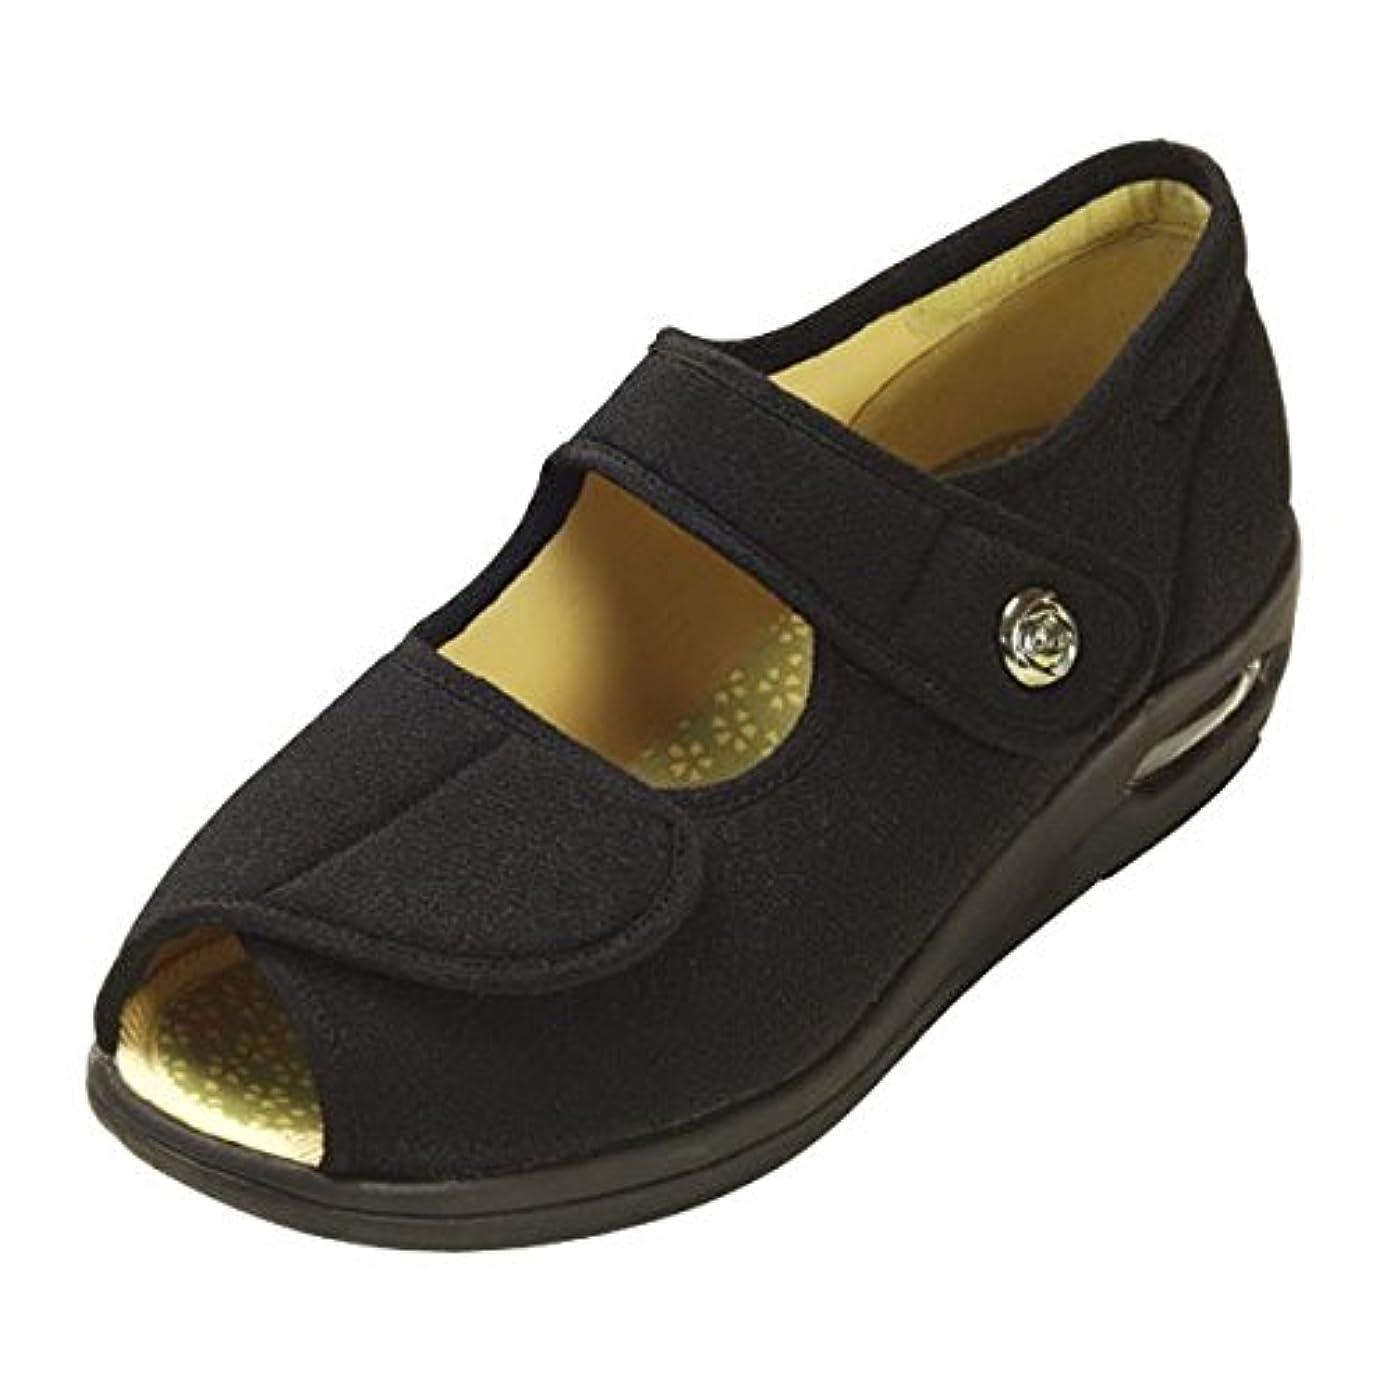 マリアンヌ製靴 彩彩~ちりめん~ W1103 婦人用 /22.0cm ブラック ds-1431970